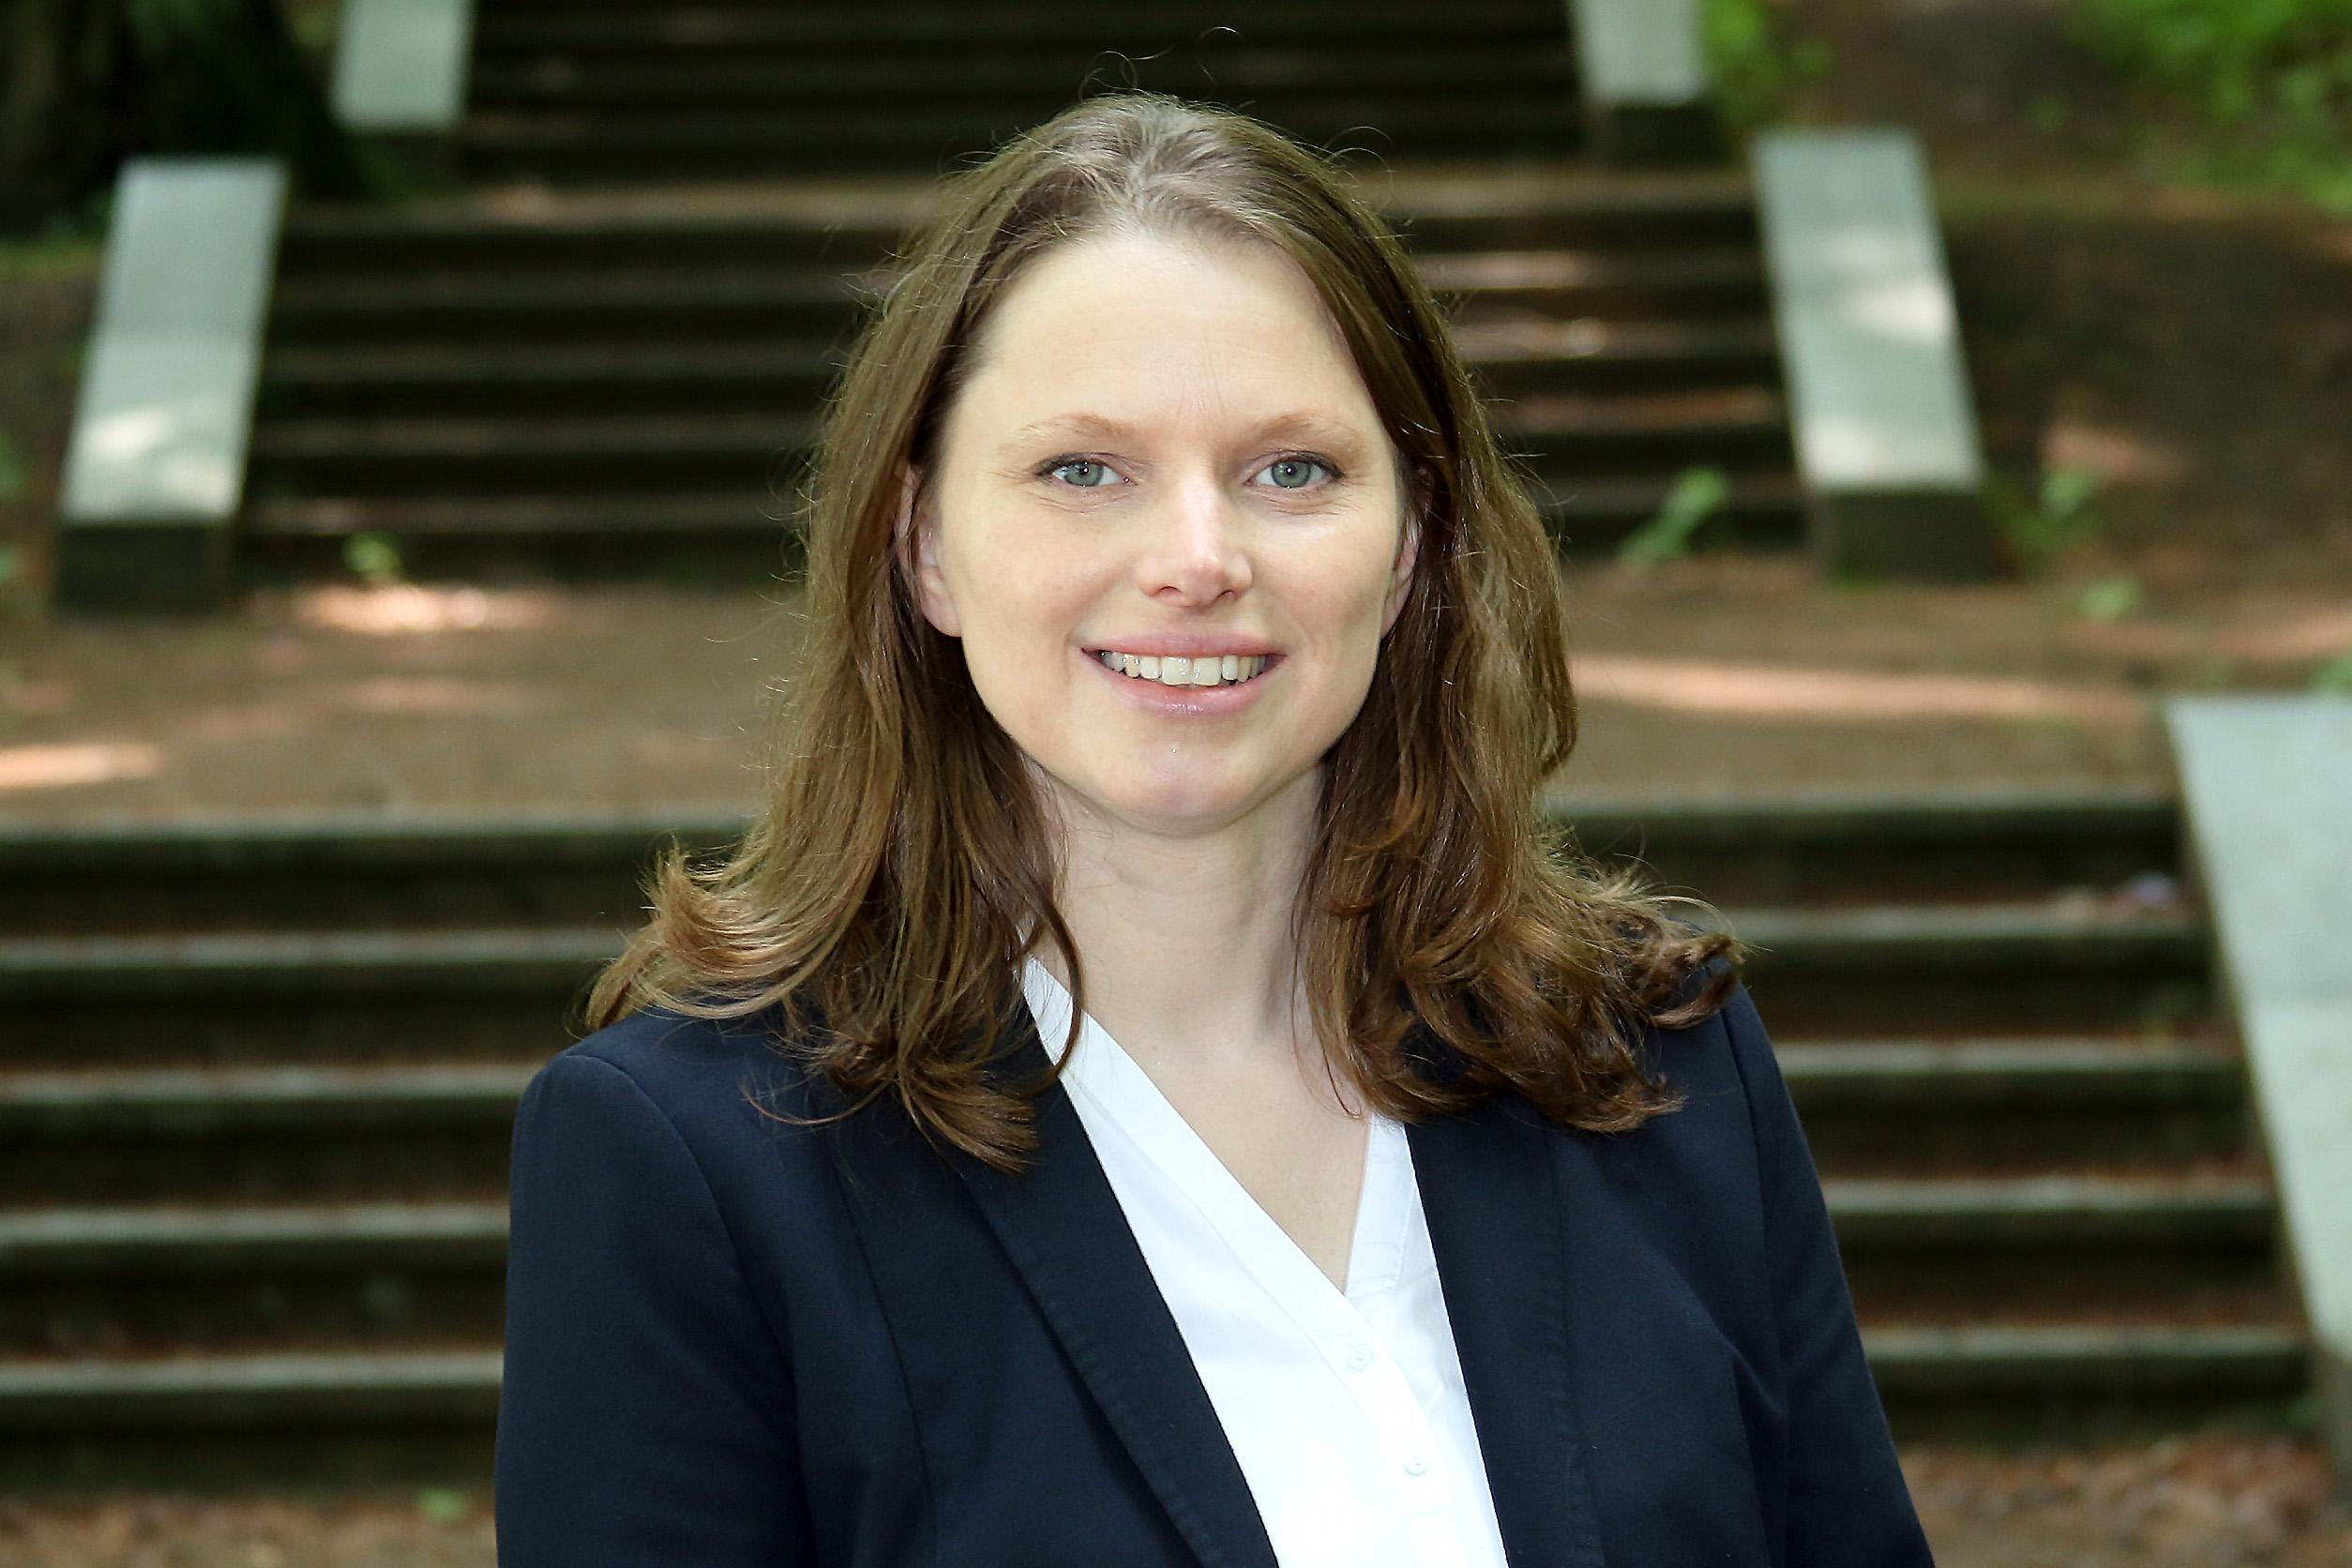 Sozialsenatorin Melanie Leonhard ist angetan von dem sozialen Engagement der Hamburgerinnen und Hamburger in der gegenwärtigen Krise. Foto: Christian Bittcher